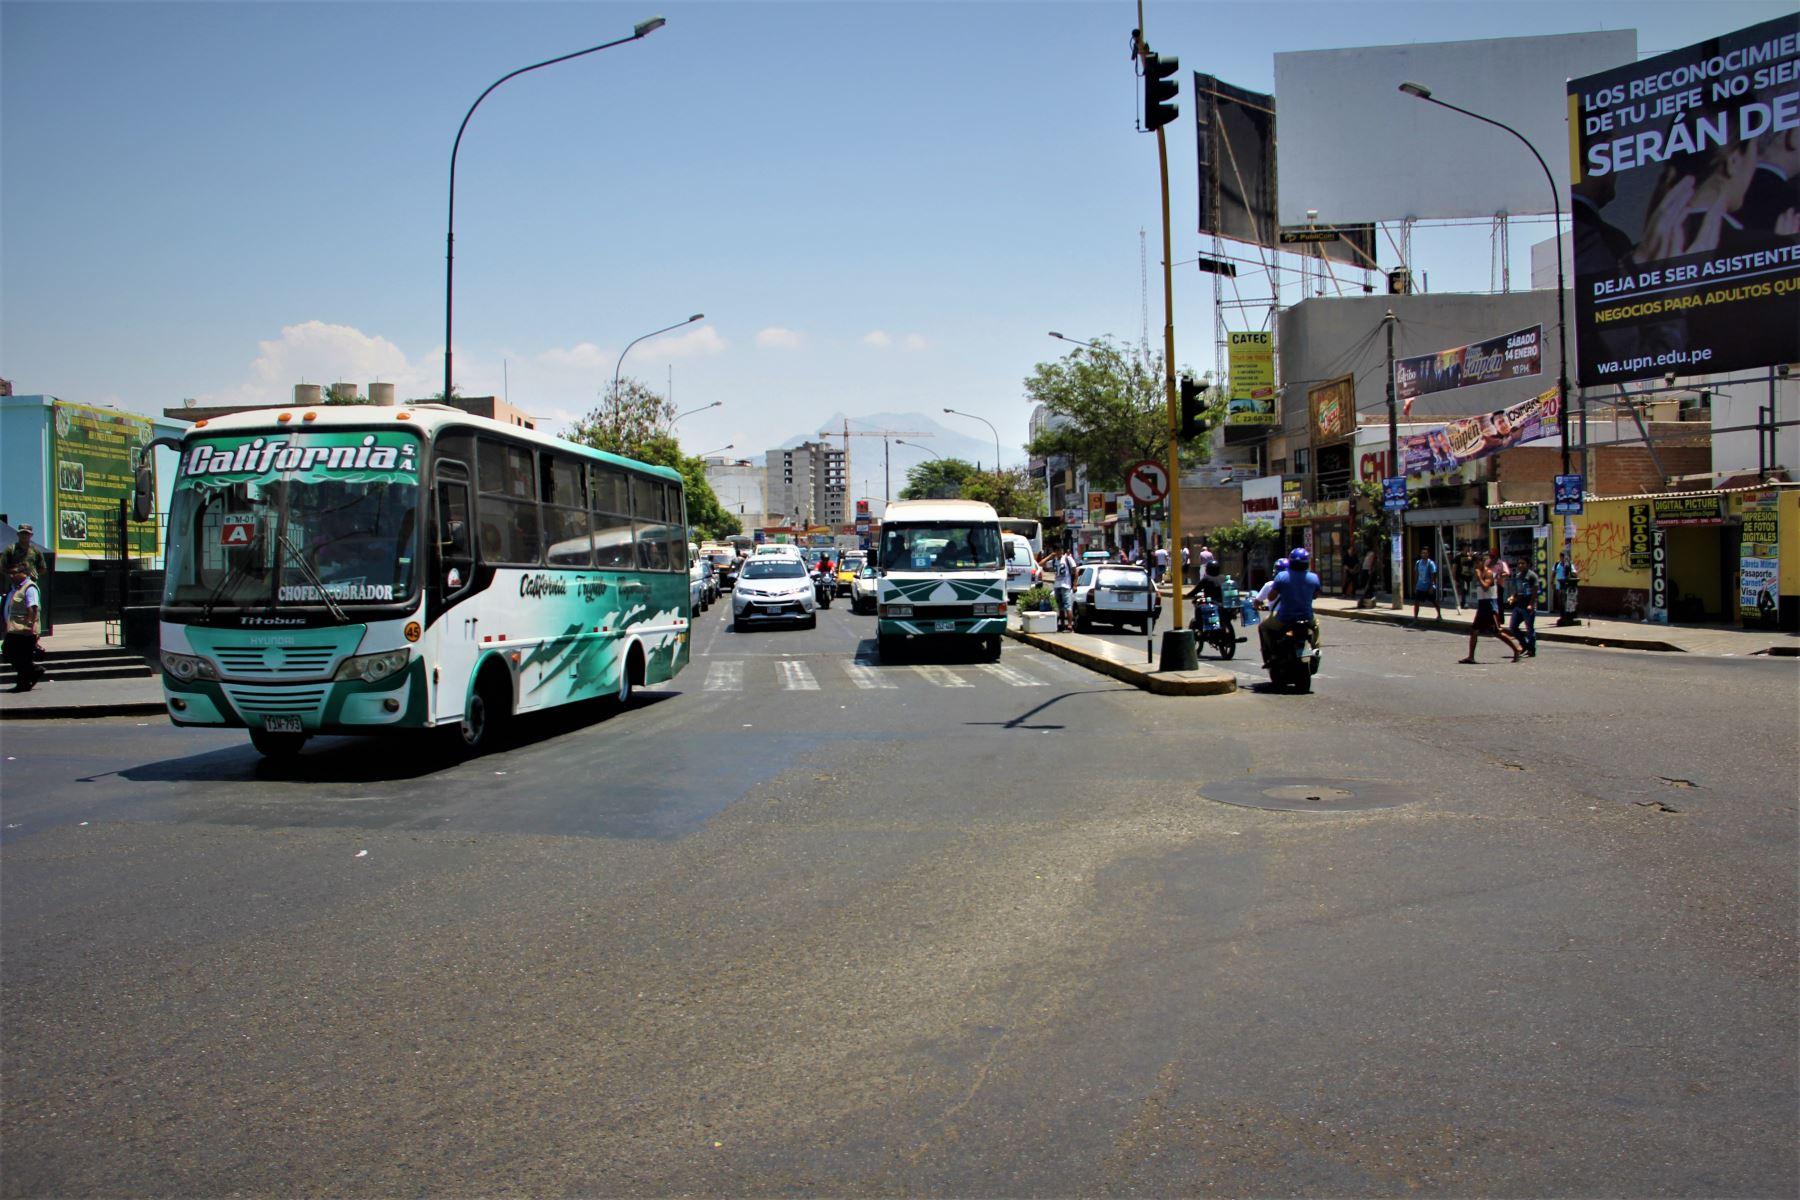 De esta manera se logra el respaldo del MTC respecto a la política municipal de ordenar el transporte público y promover la modernización de este sector.